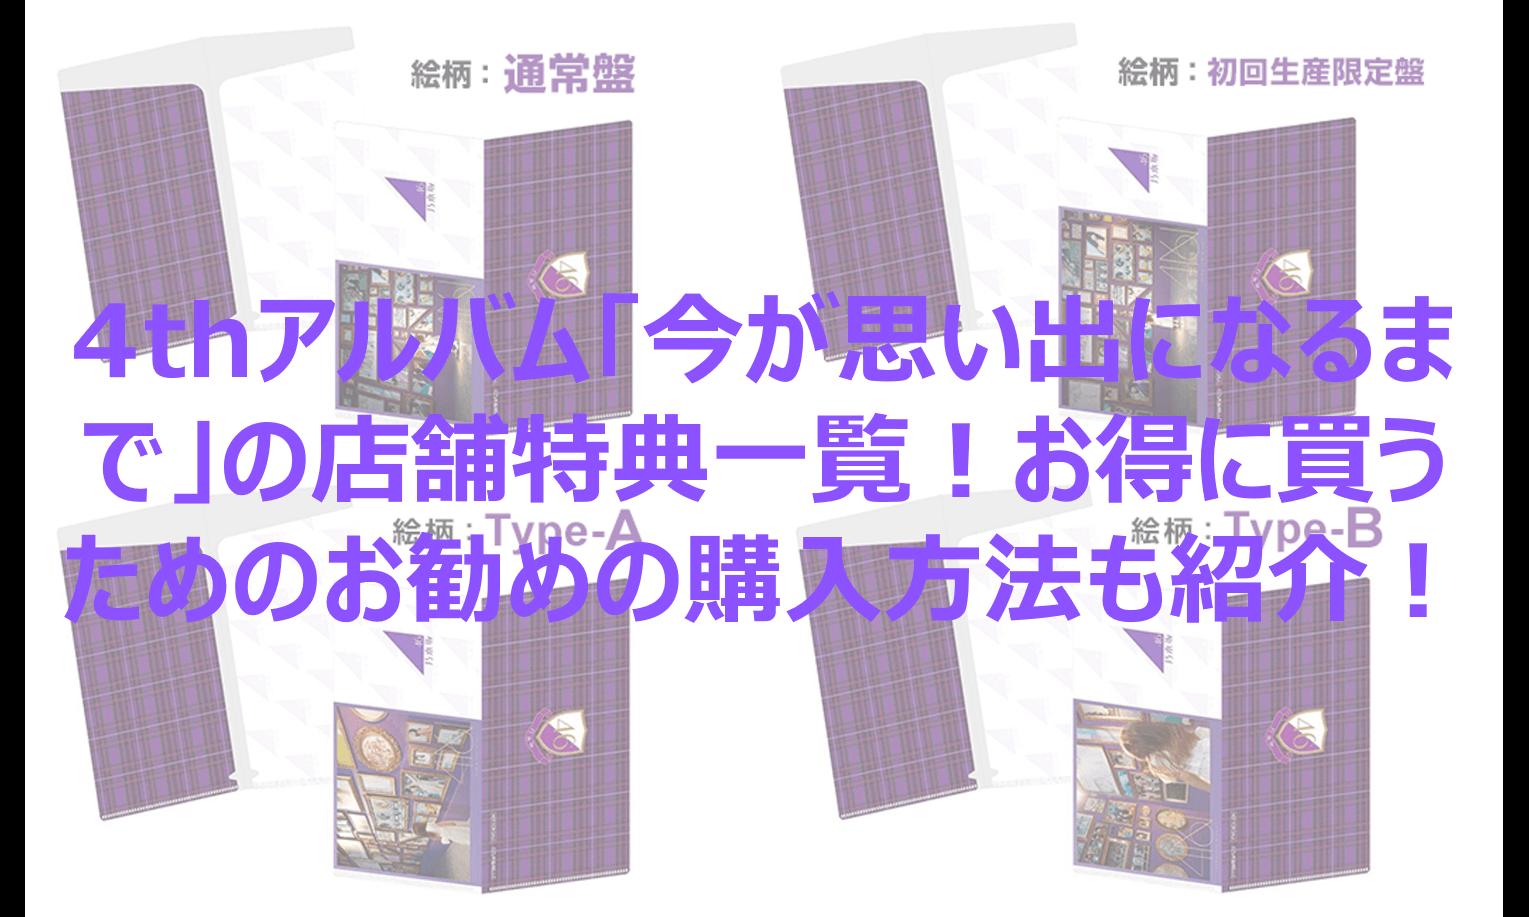 【乃木坂46】4thアルバム「今が思い出になるまで」の店舗特典一覧!お得に買うためのお勧めの購入方法も紹介!